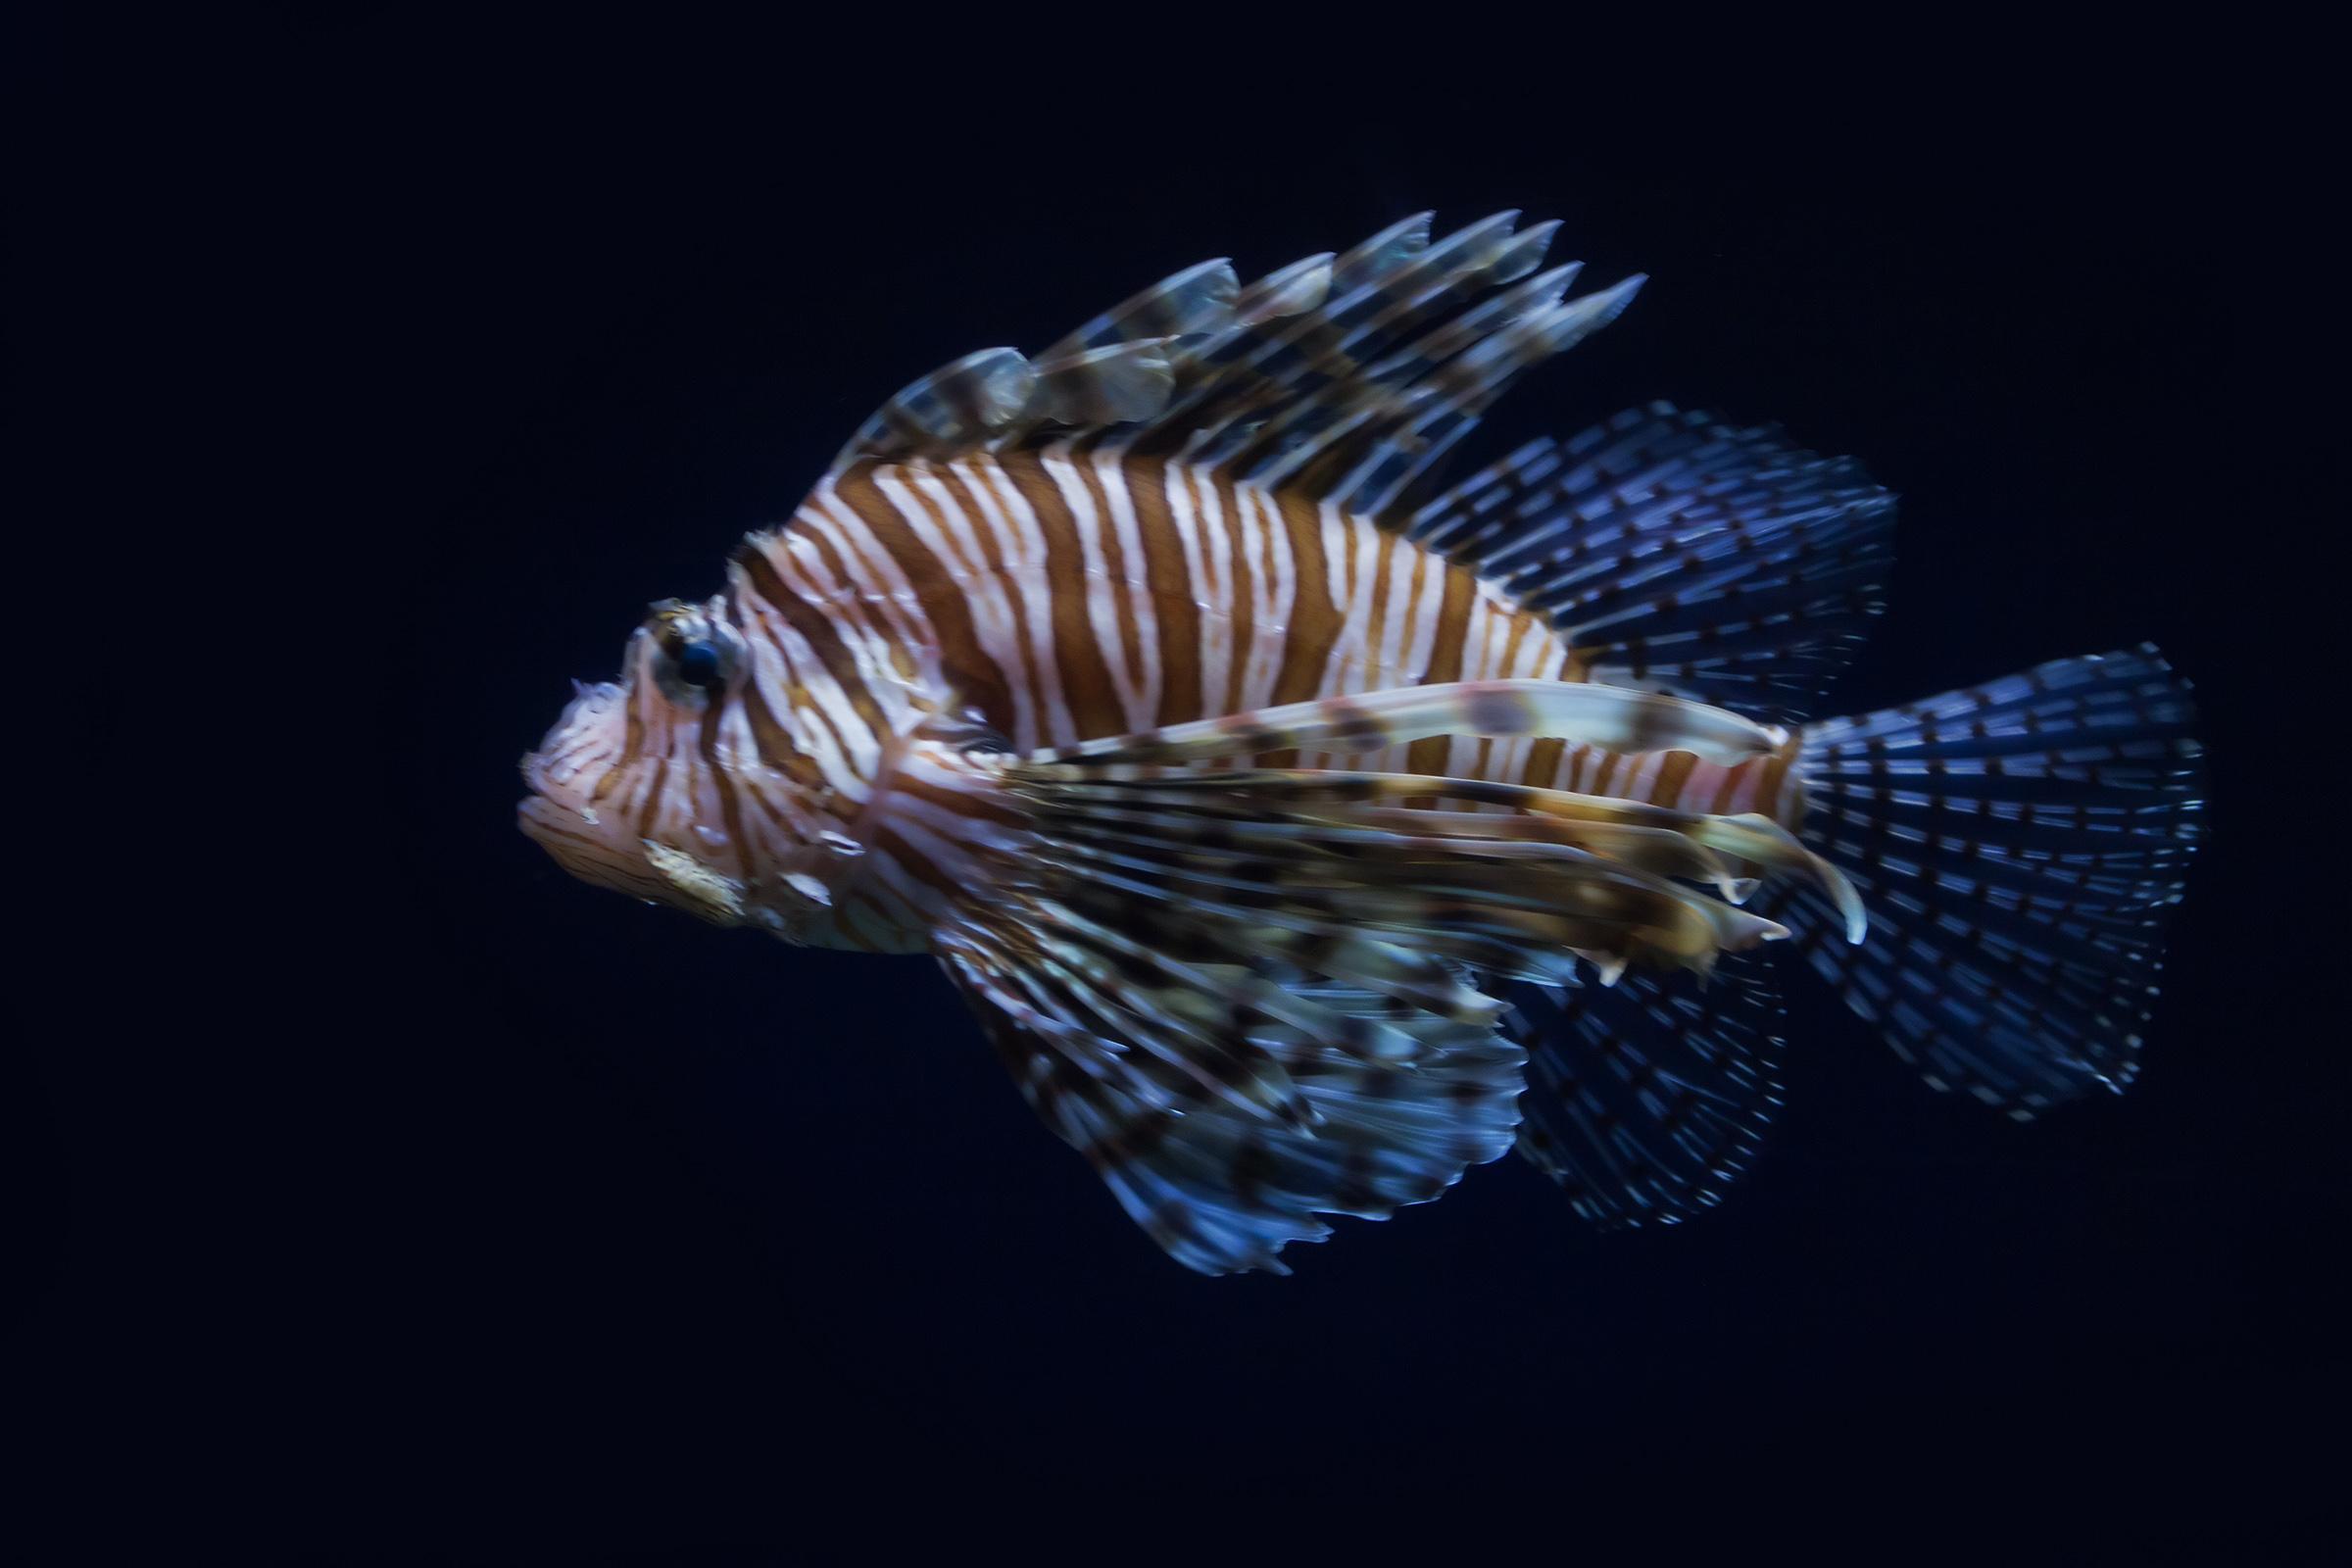 Lionfish, Spotfin lionfish